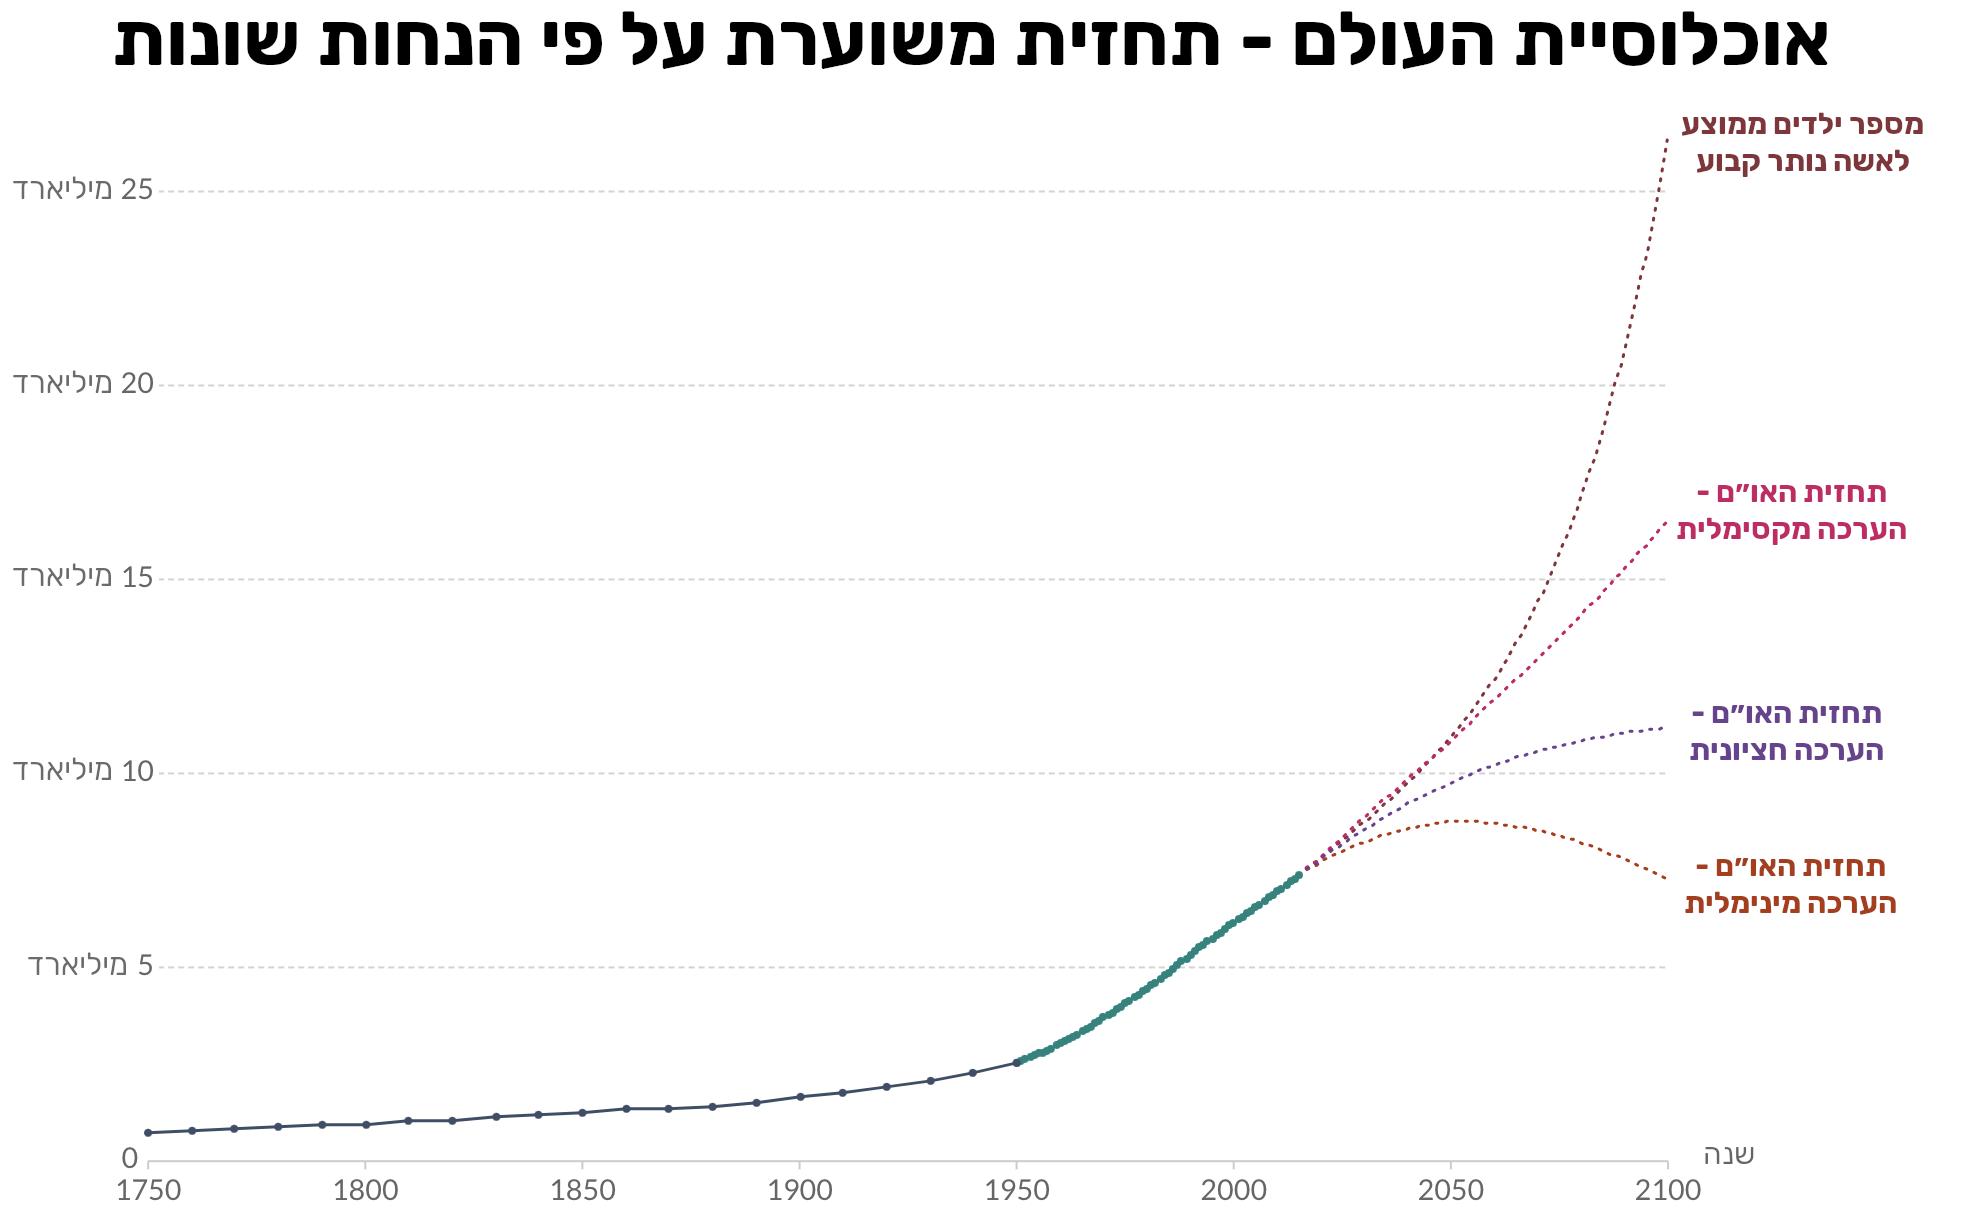 תחזית משוערת לאוכלוסיית העולם